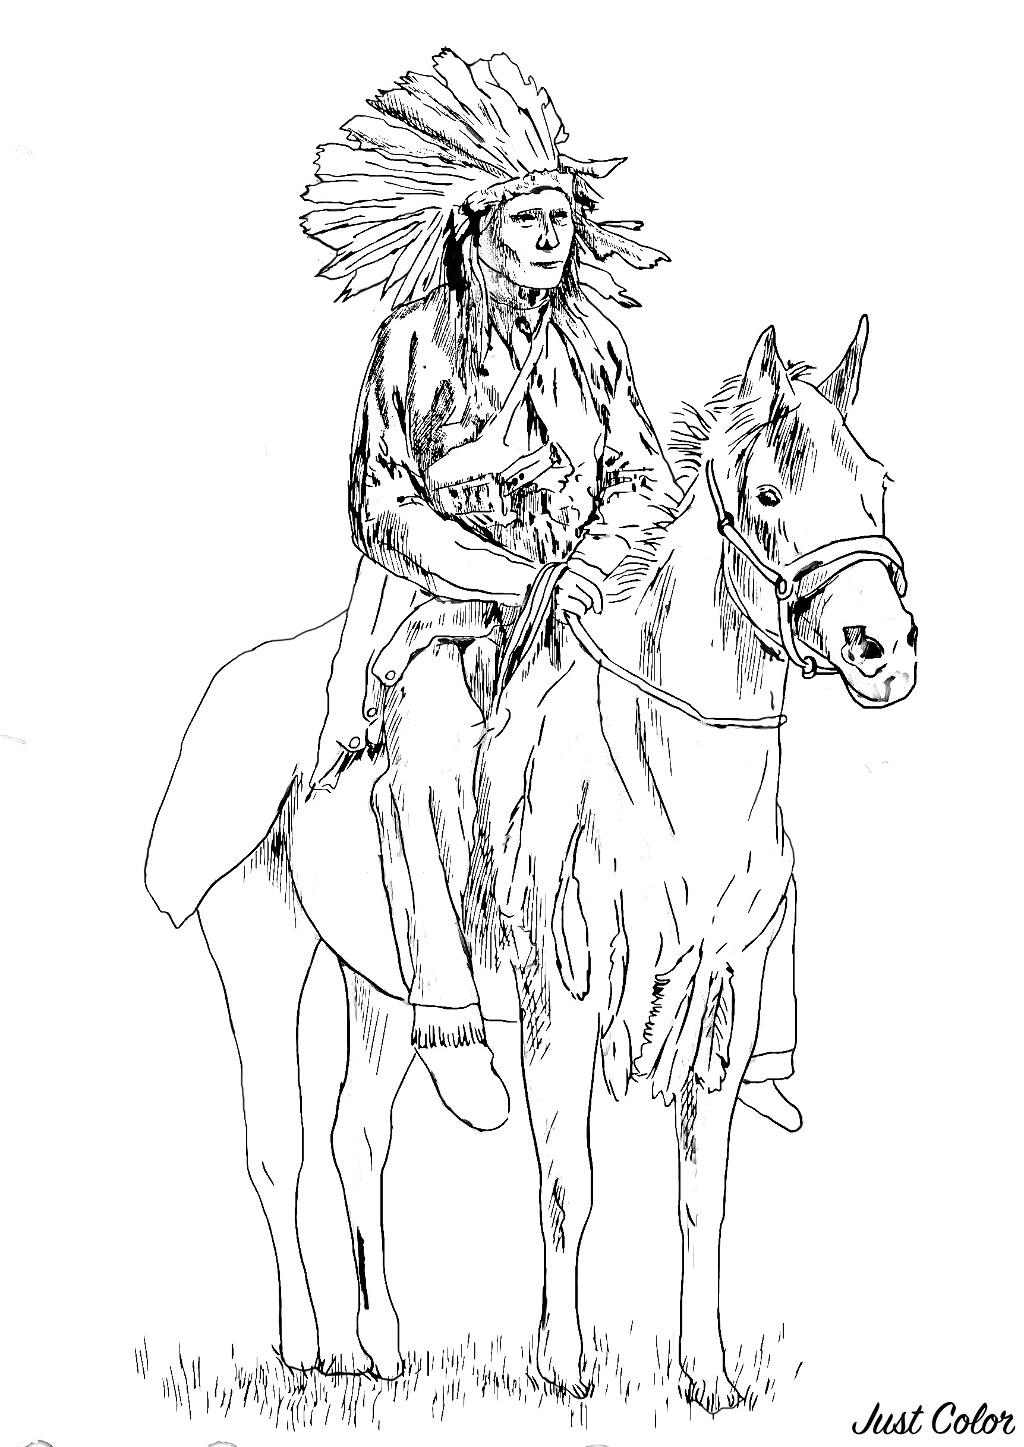 Disegni da colorare per adulti : Indiano dAmerica - 6